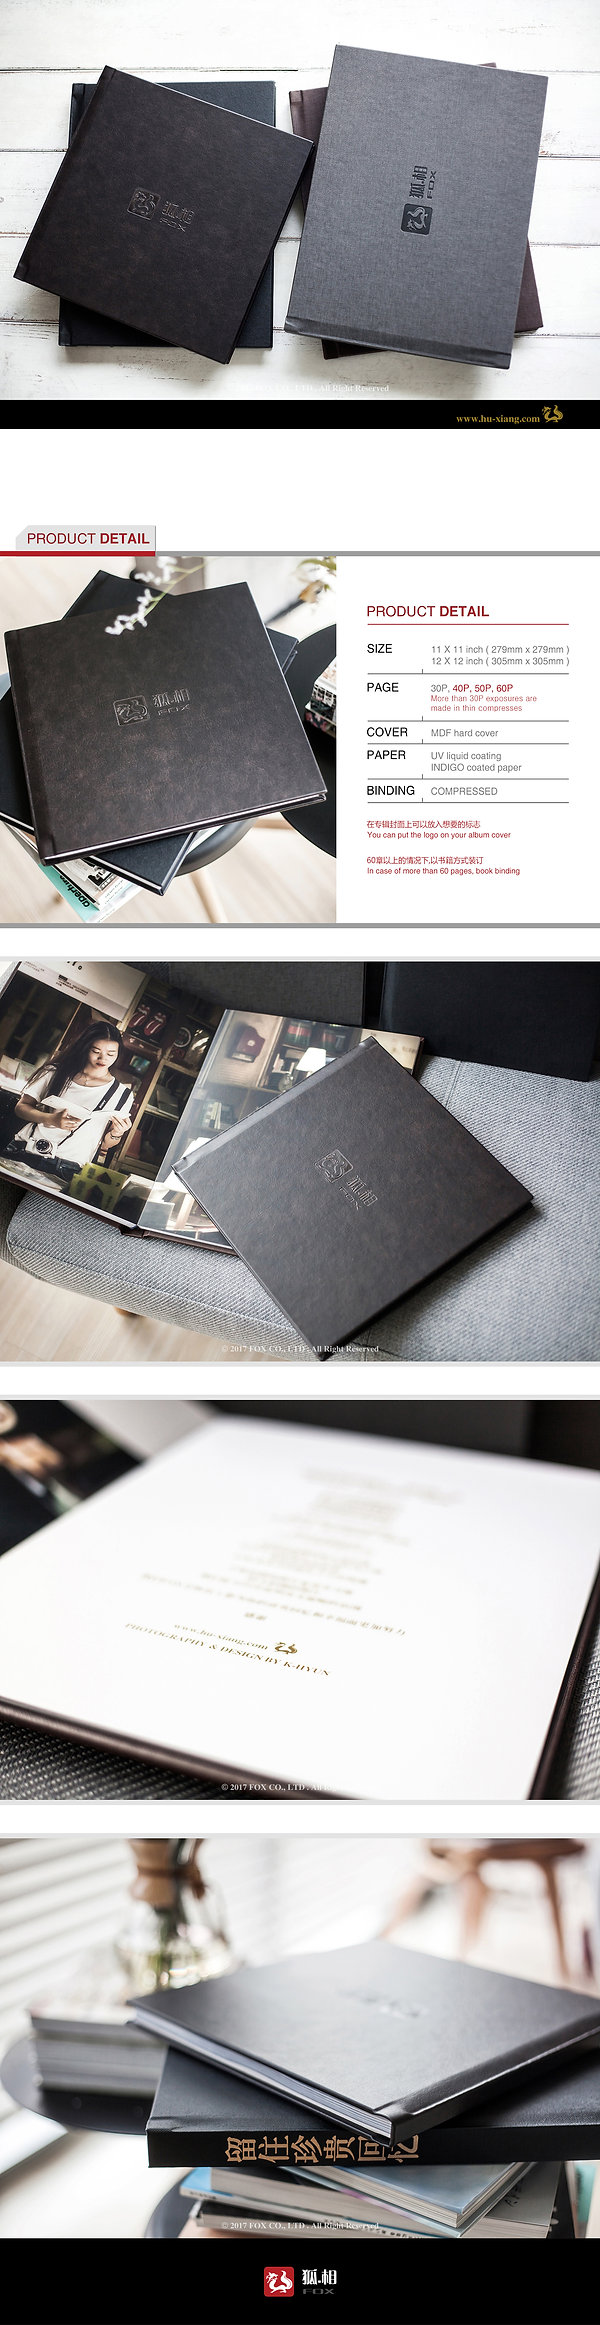 album_12x12.jpg